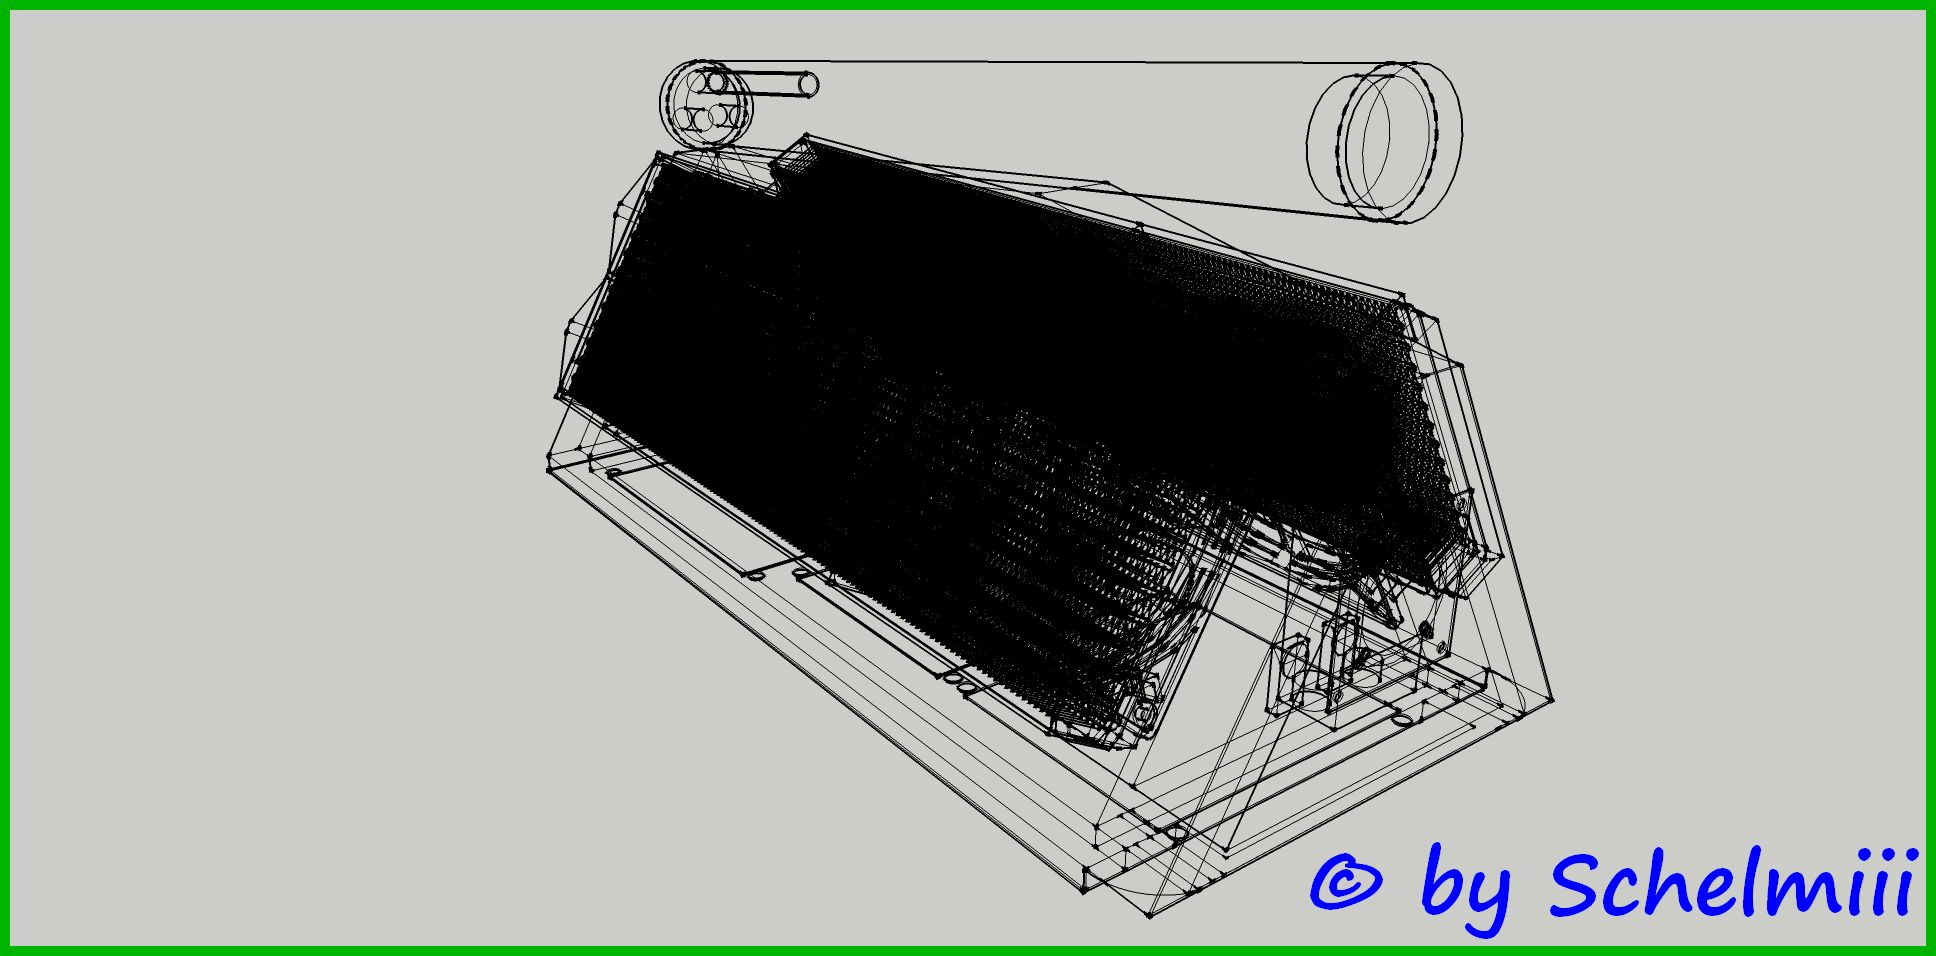 -dachversion3mit-la-fter-radi-filter-agb6_-arc.mod.byschelmiii-.jpg